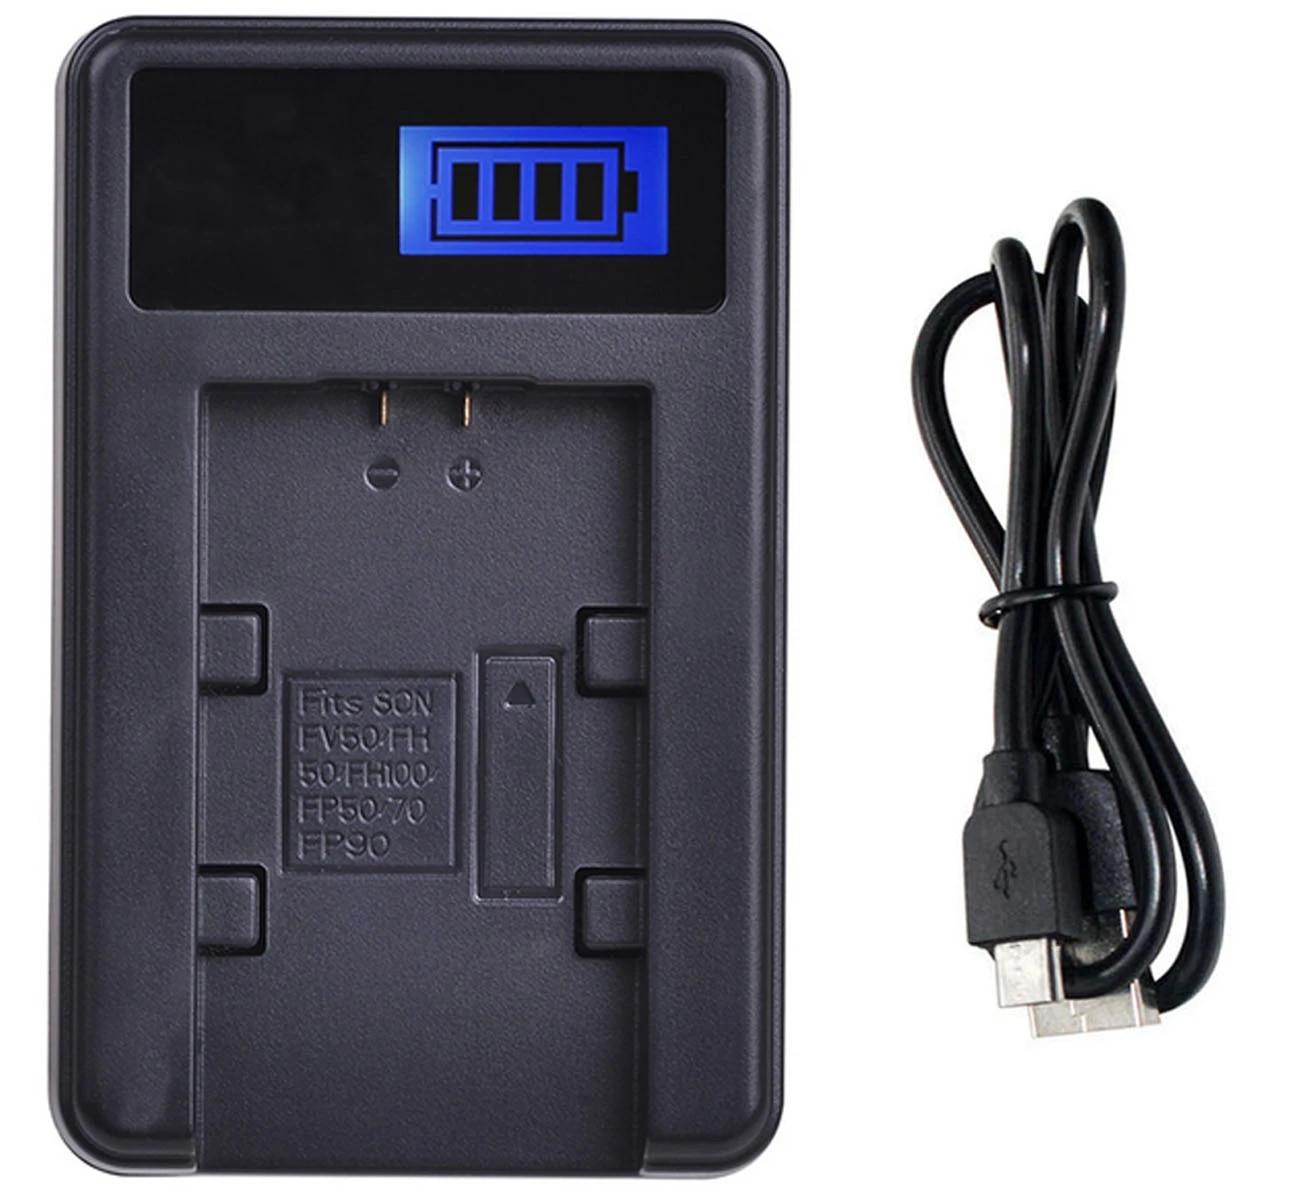 Battery Charger for Sony DCR-HC30E DCR-HC26E DCR-HC24E DCR-HC23E DCR-HC22E FP50